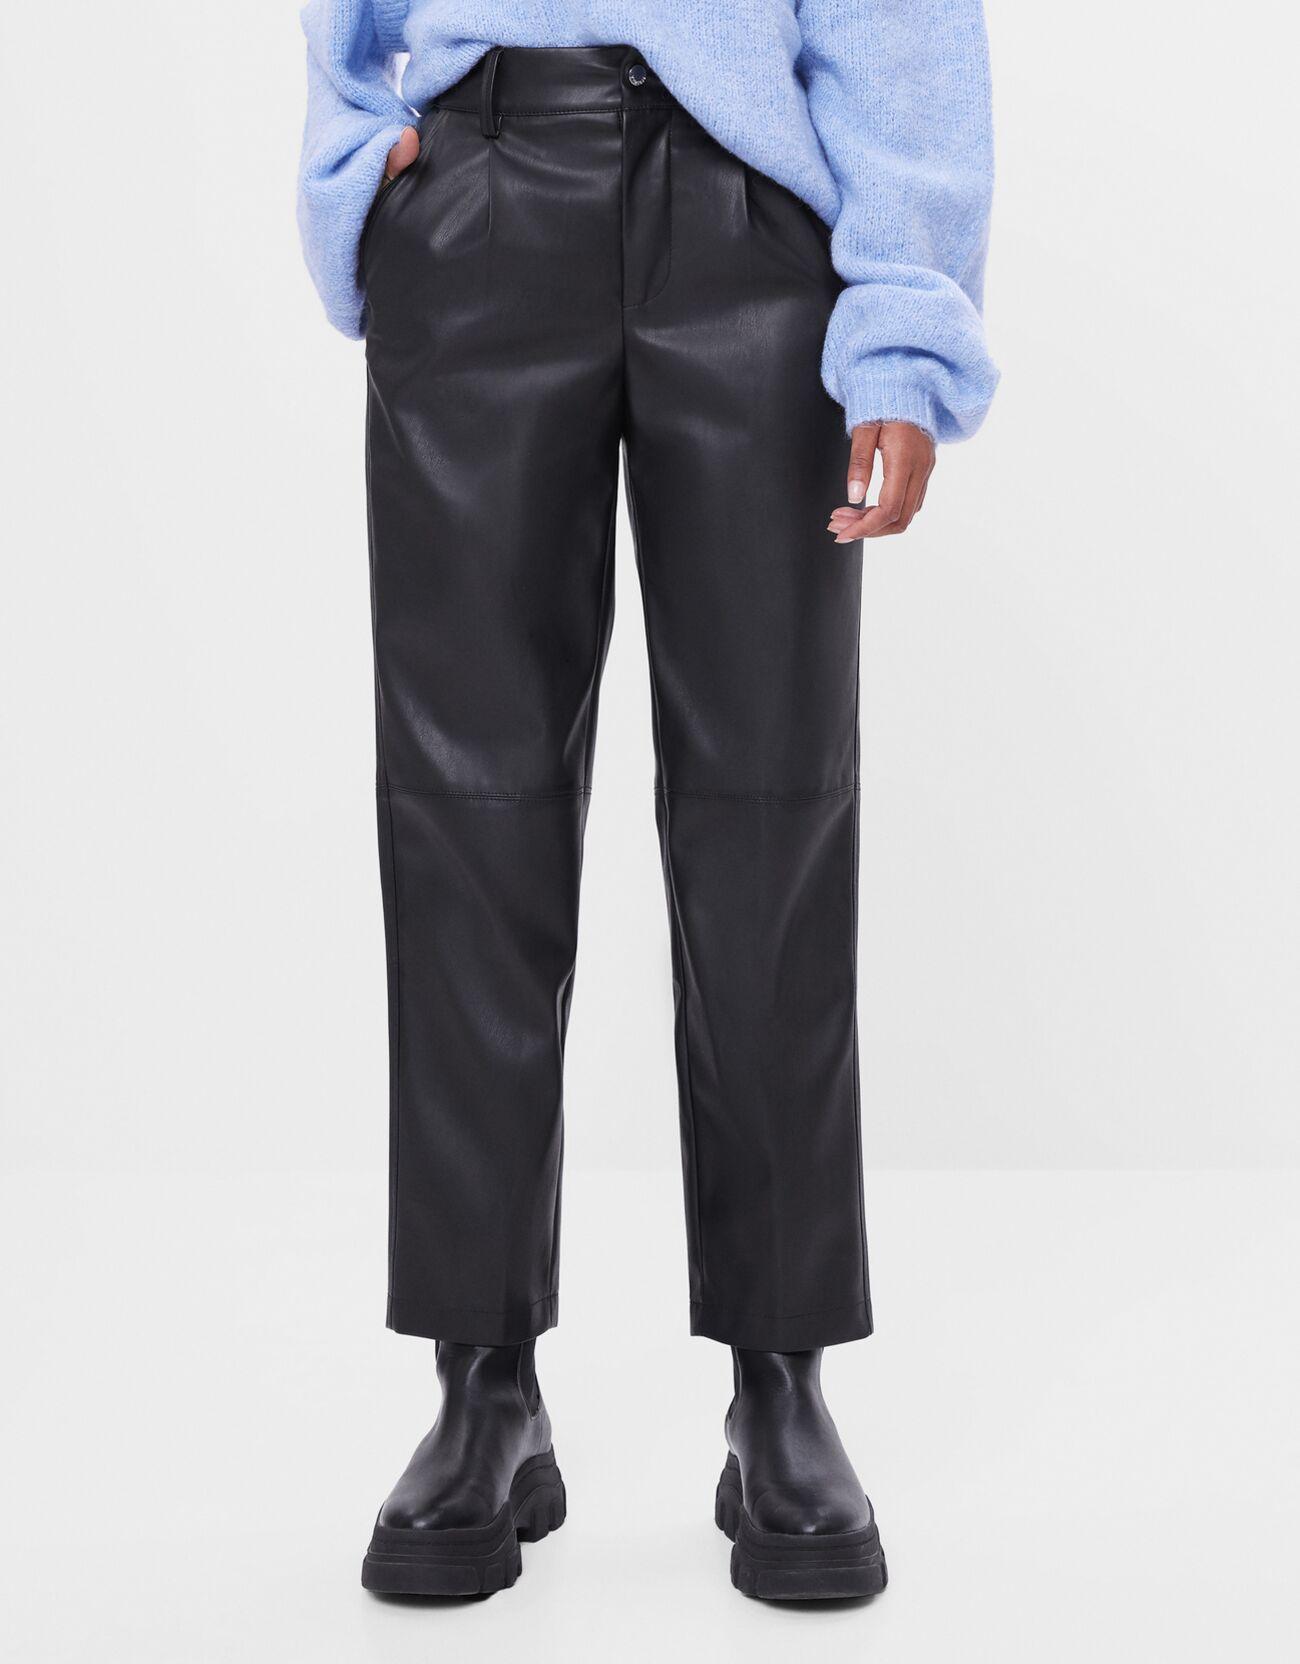 Pantalón recto de piel sintética